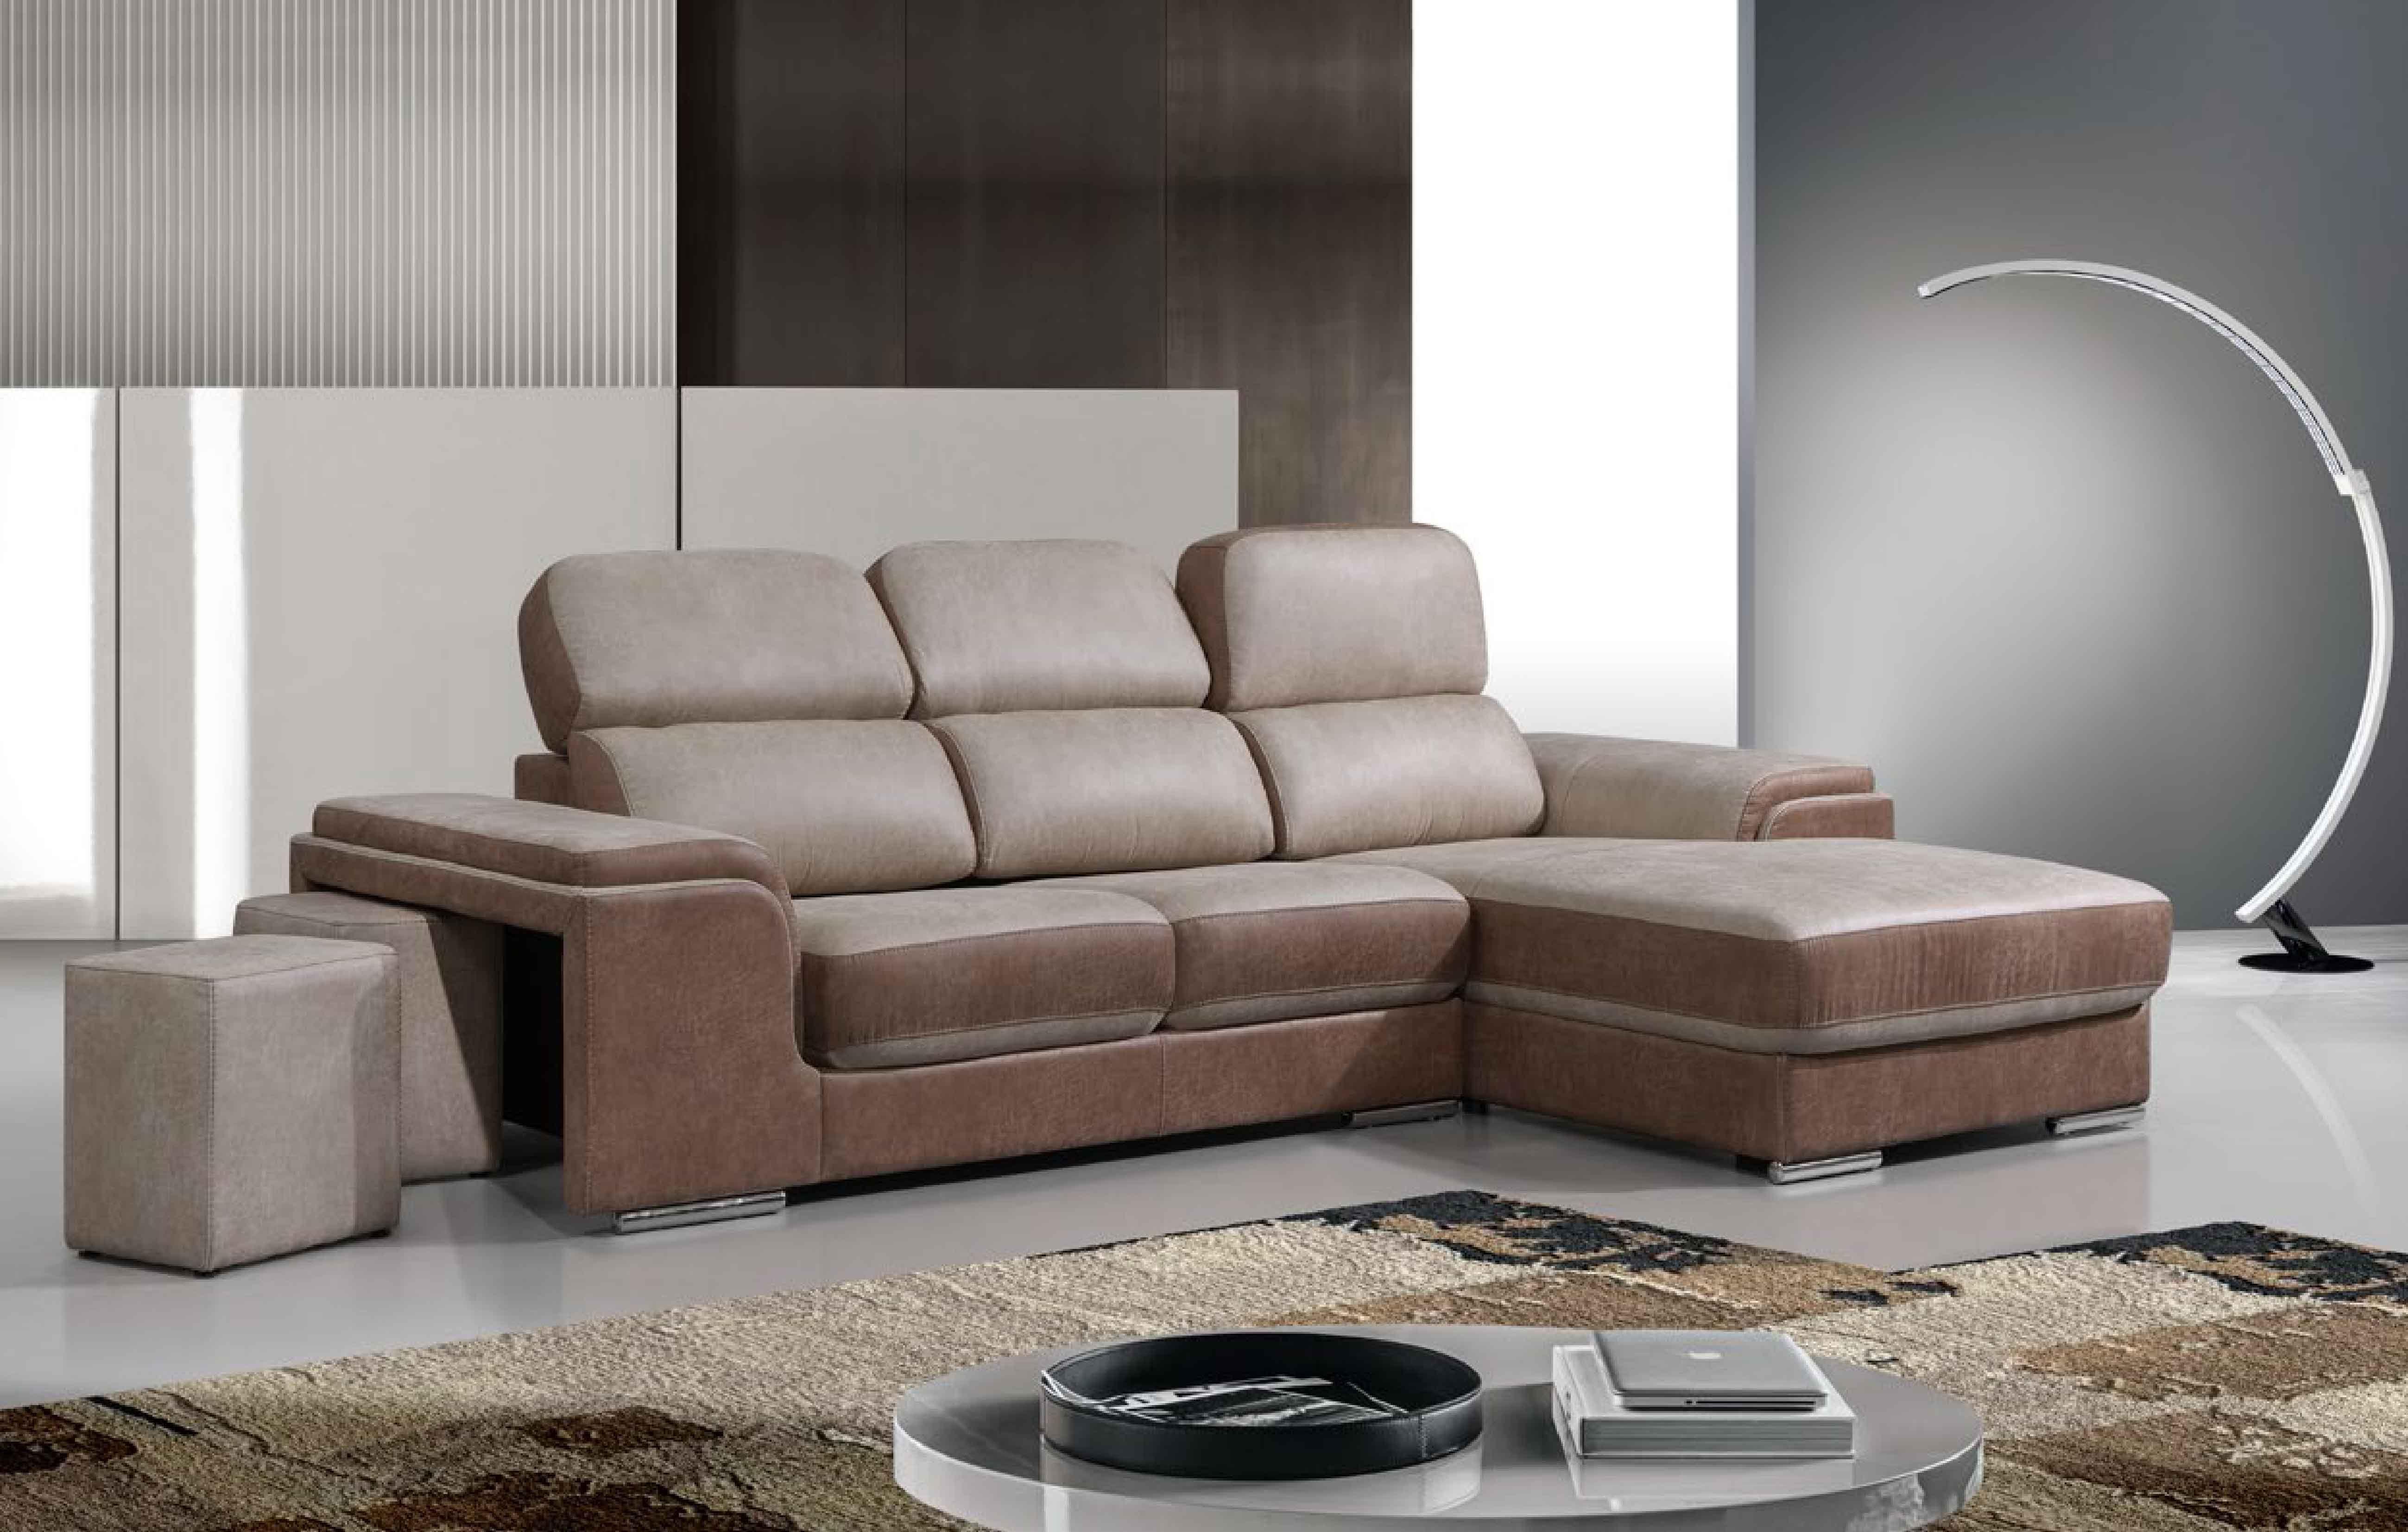 Canape D Angle Avec Chaise Longue Tetiere Multi Positions Agadir Maroc Canape Salon Sejour Meubles Deco Home Interi Sectional Couch Home Decor Couch